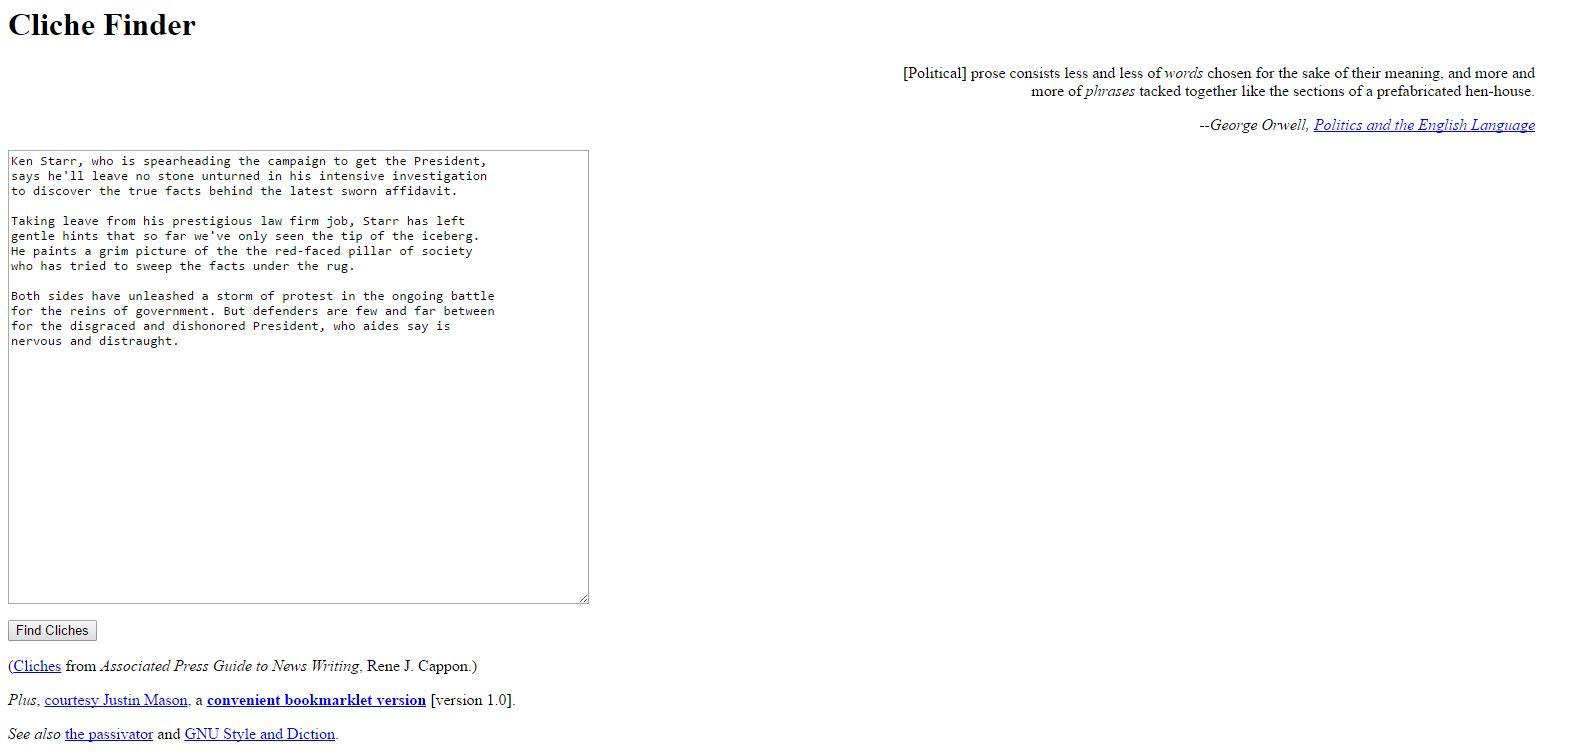 clichefinder homepage